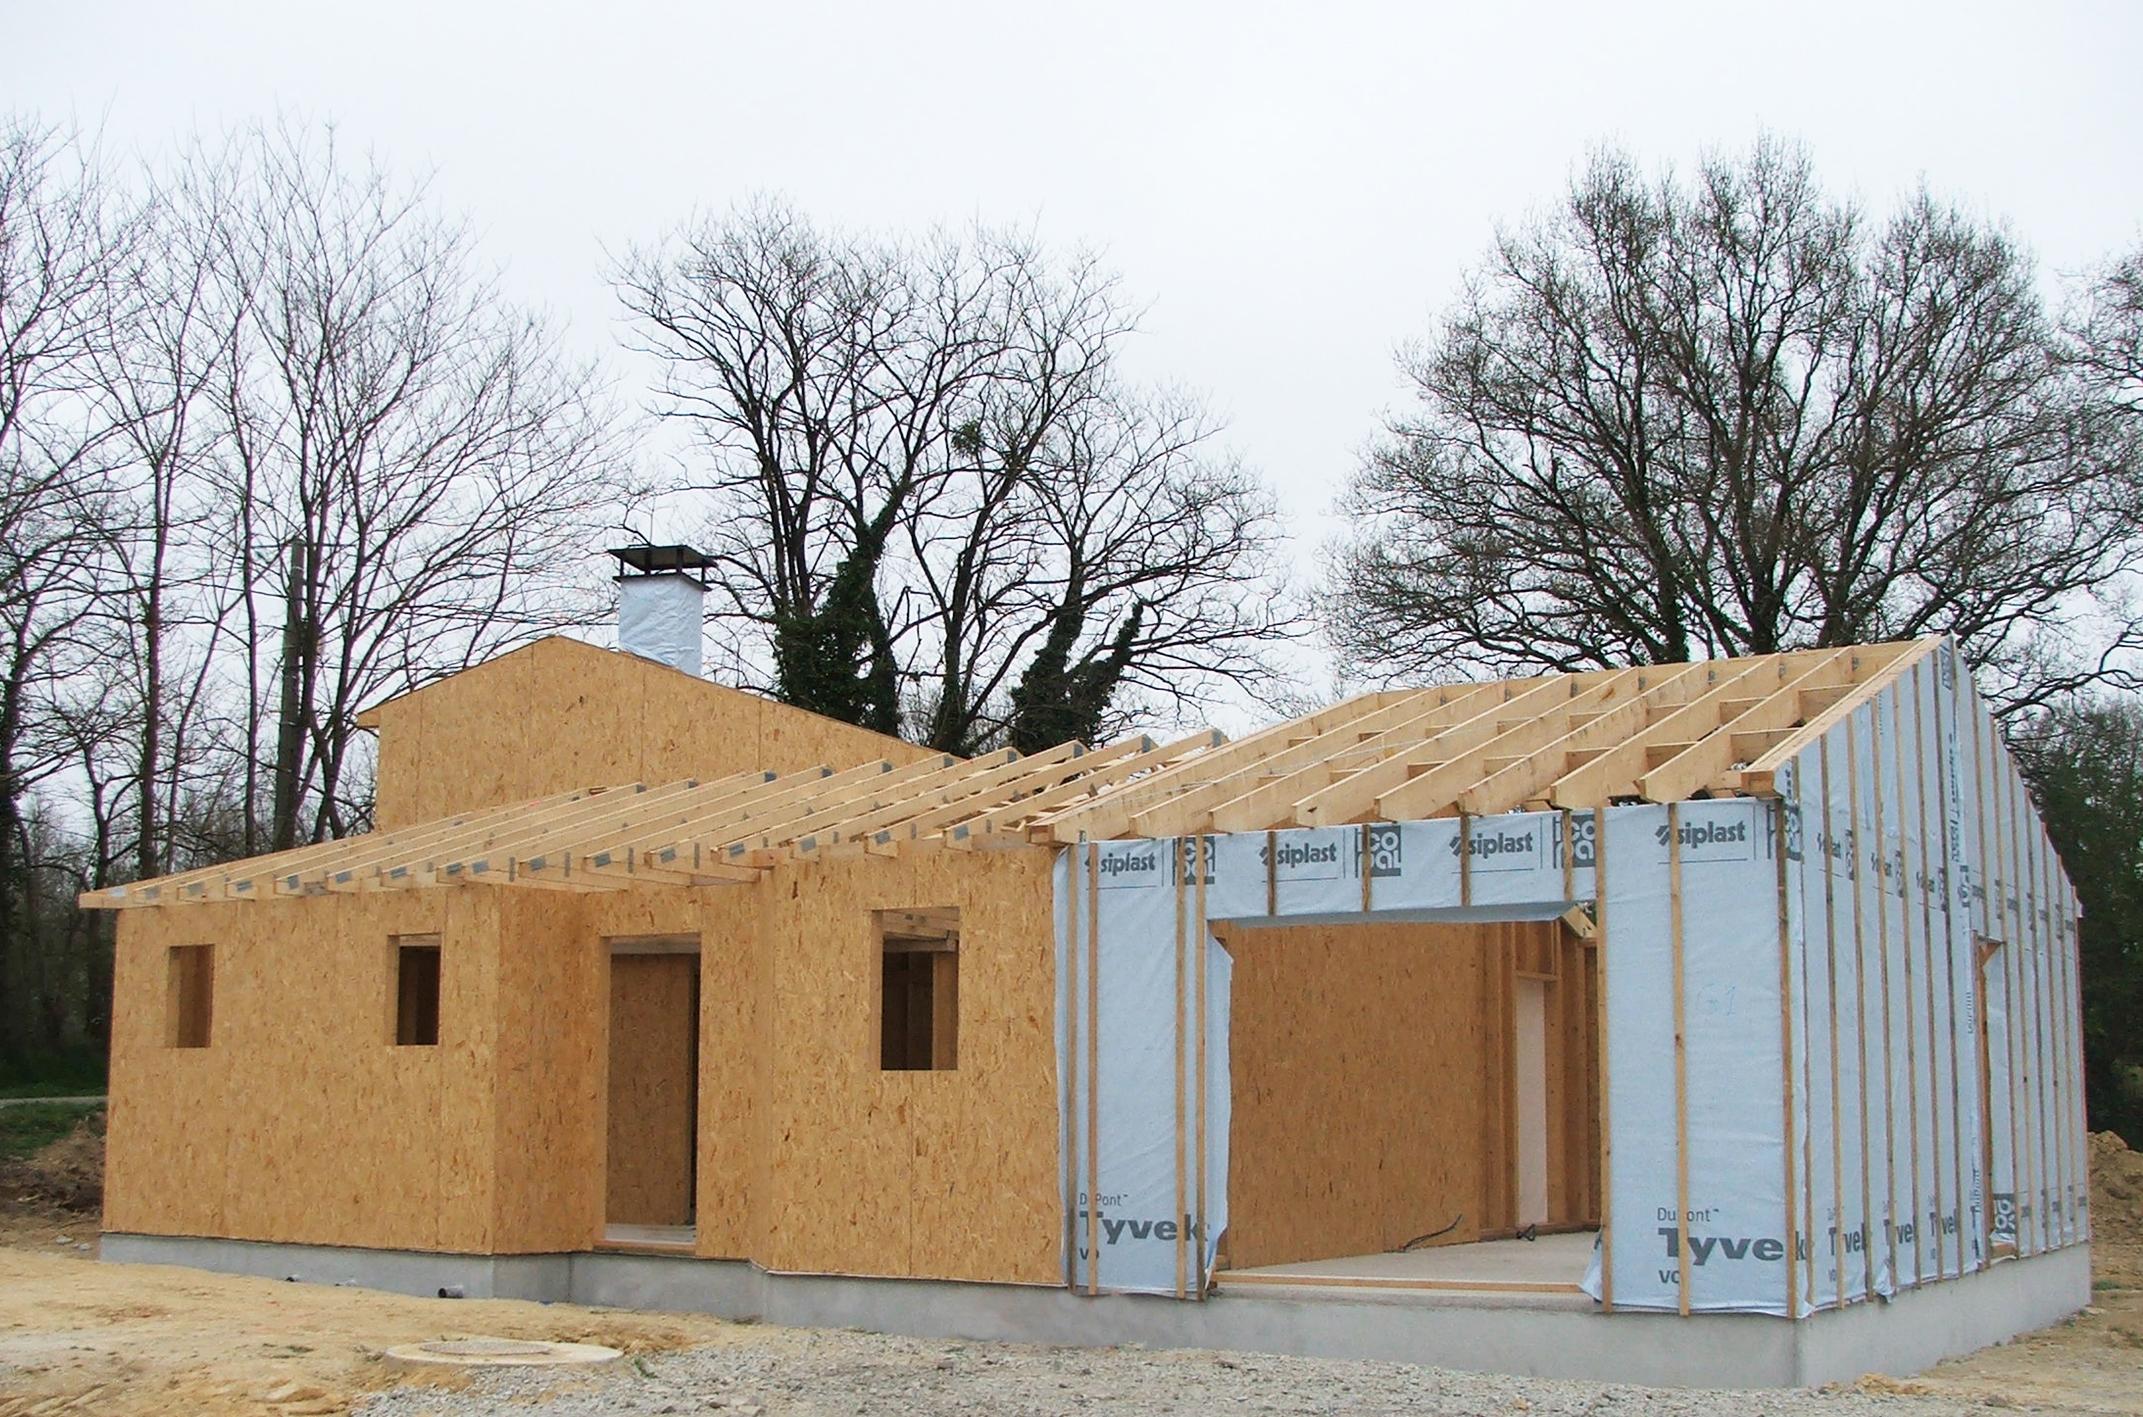 amm agencement menuiserie morineau belleville sur vie fabrication et pose maison ossature bois